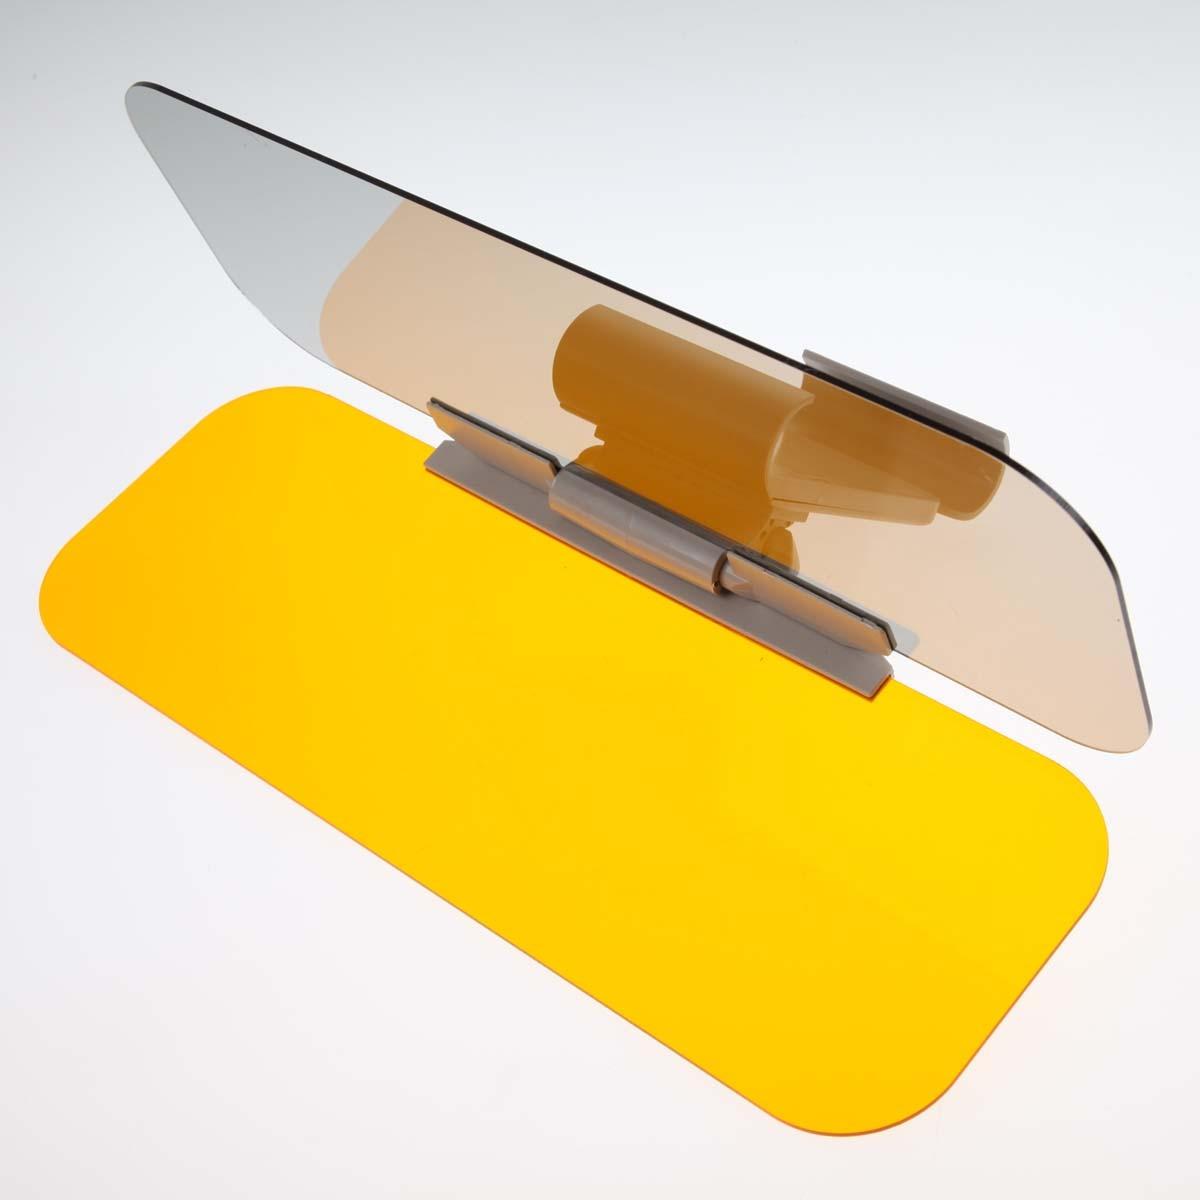 Nuovo arrivo 2 in 1 Auto Anti-glare Giorno Notte di Guida vetro Prevenire Dazzle Specchio Occhiali Da Sole A Specchio Visiere Ombra Spedizione libero